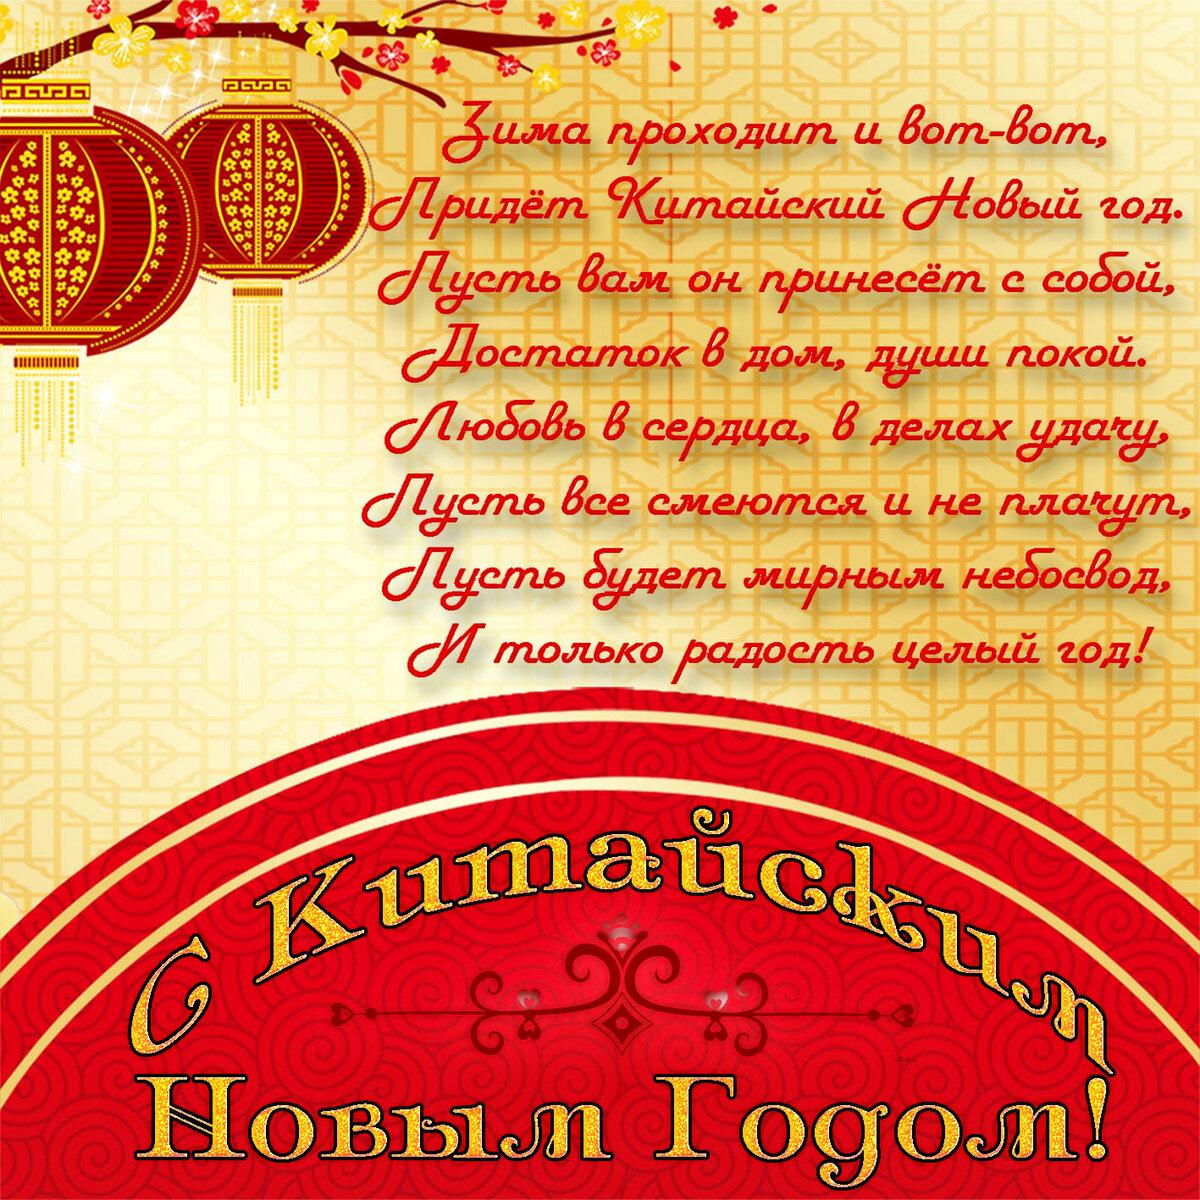 Стихи с поздравлением китайским новым годом